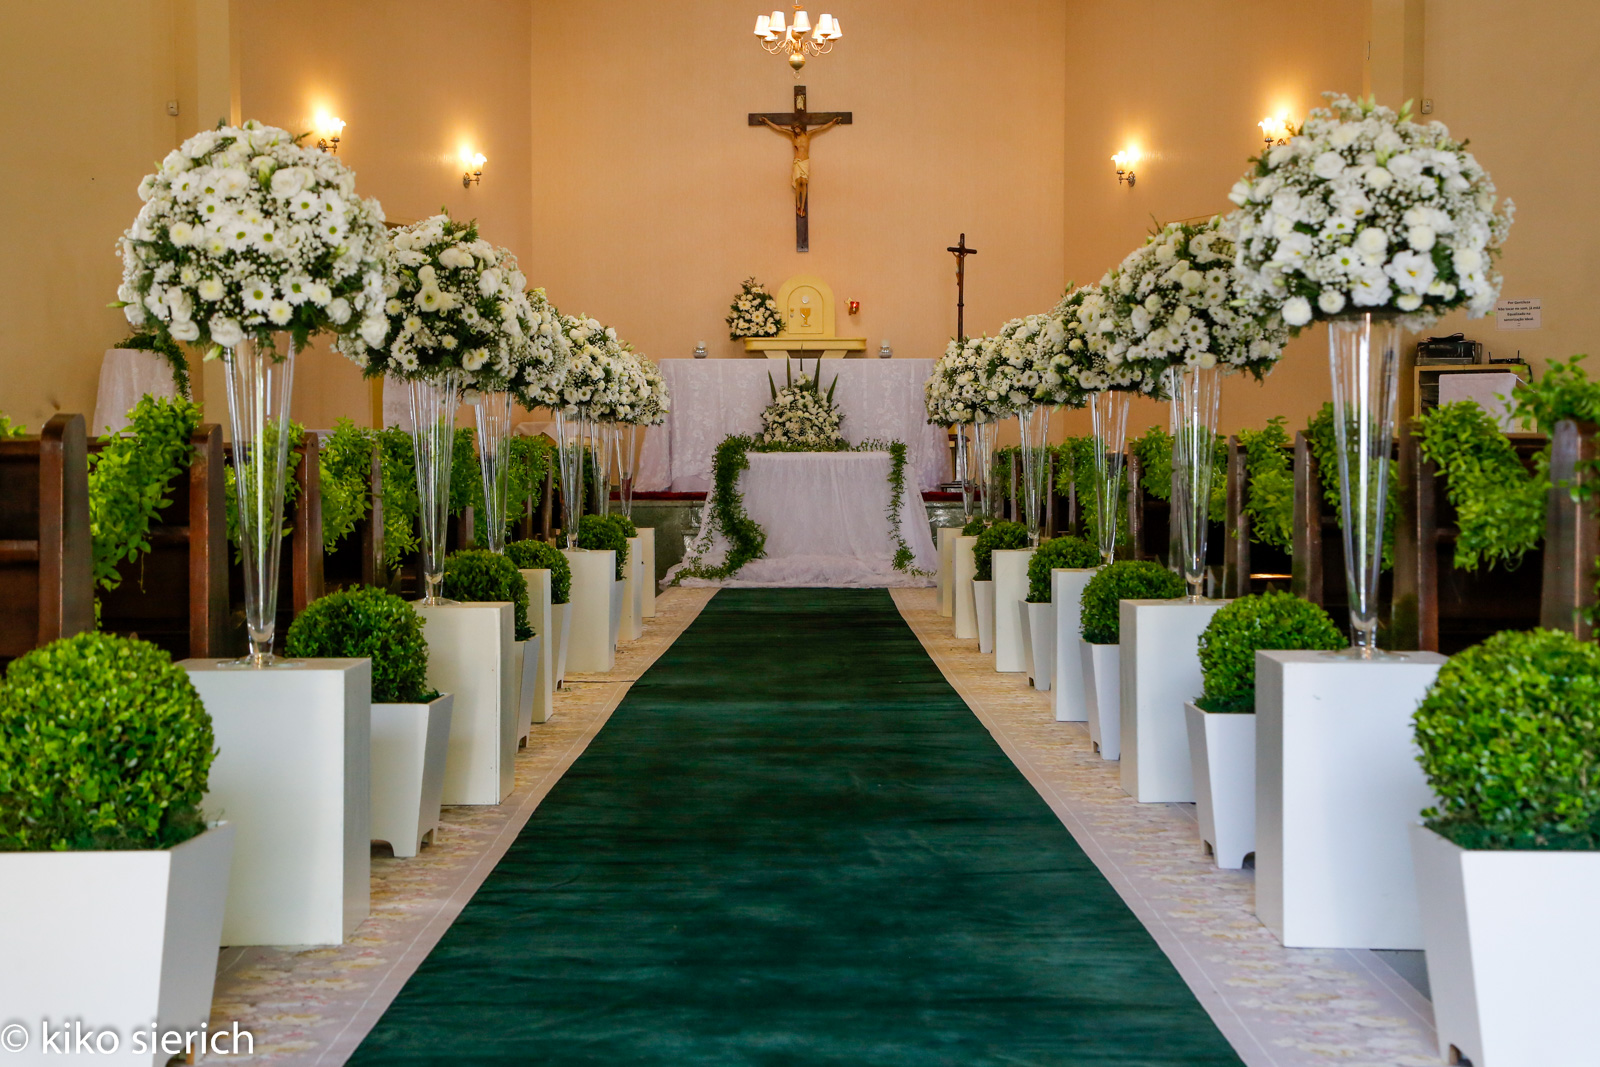 curso de assessoria e cerimonial para casamentos - decoração de casamento